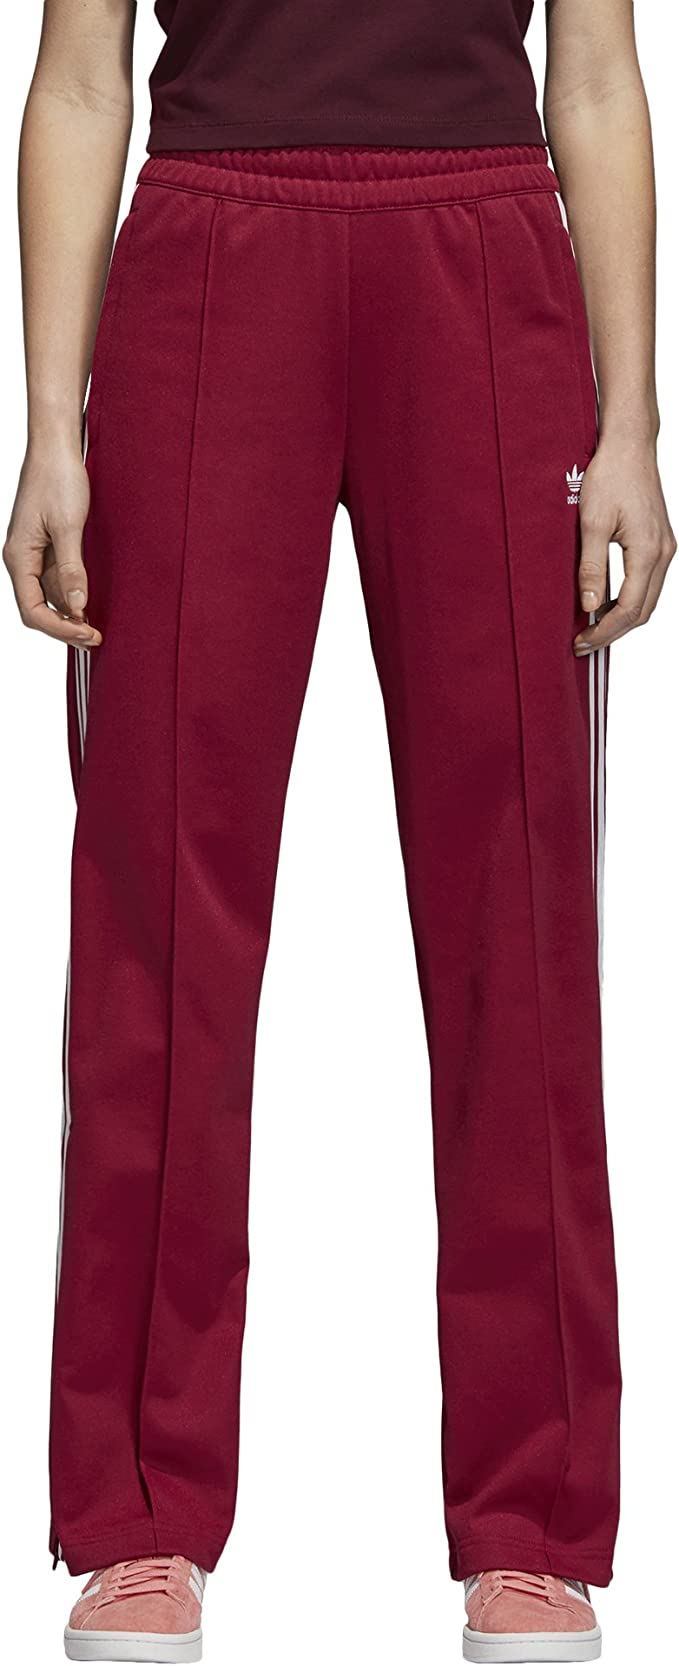 adidas Originals BB Track Pantalones Mystery Ruby dh3191 para ...